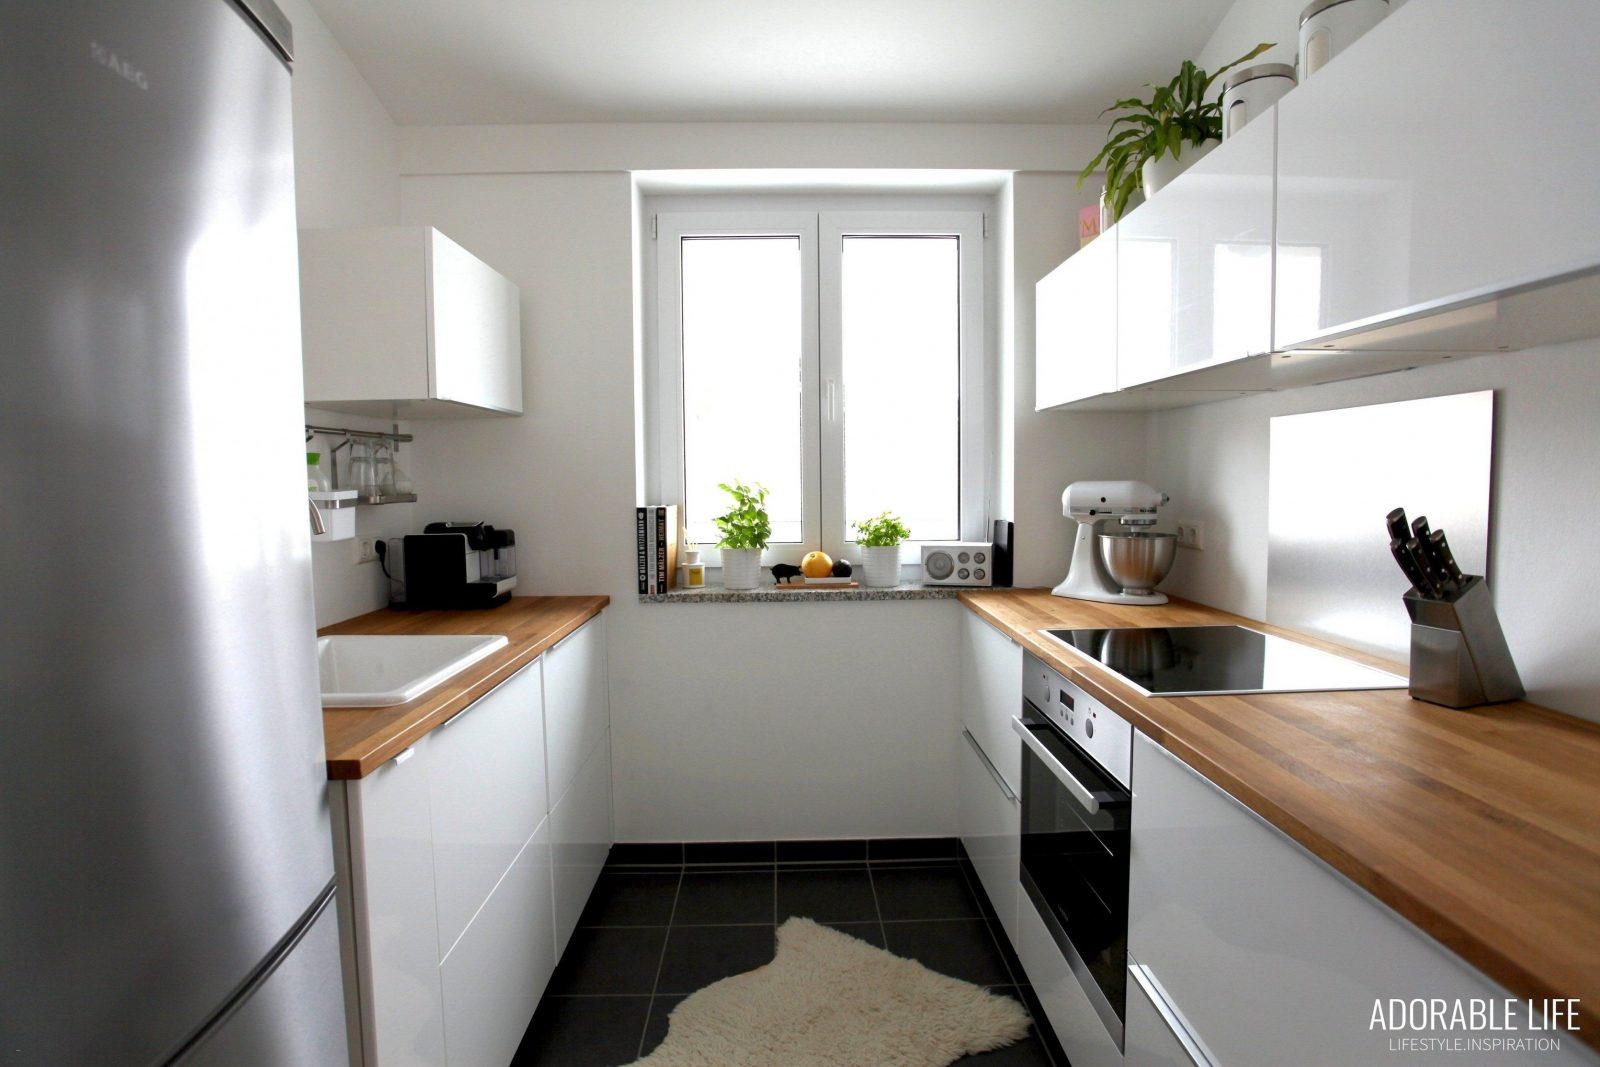 Küche Neu Gestalten Renovieren Fabelhaft Fantastisch Neue Kuechen von Küche Neu Gestalten Renovieren Bild